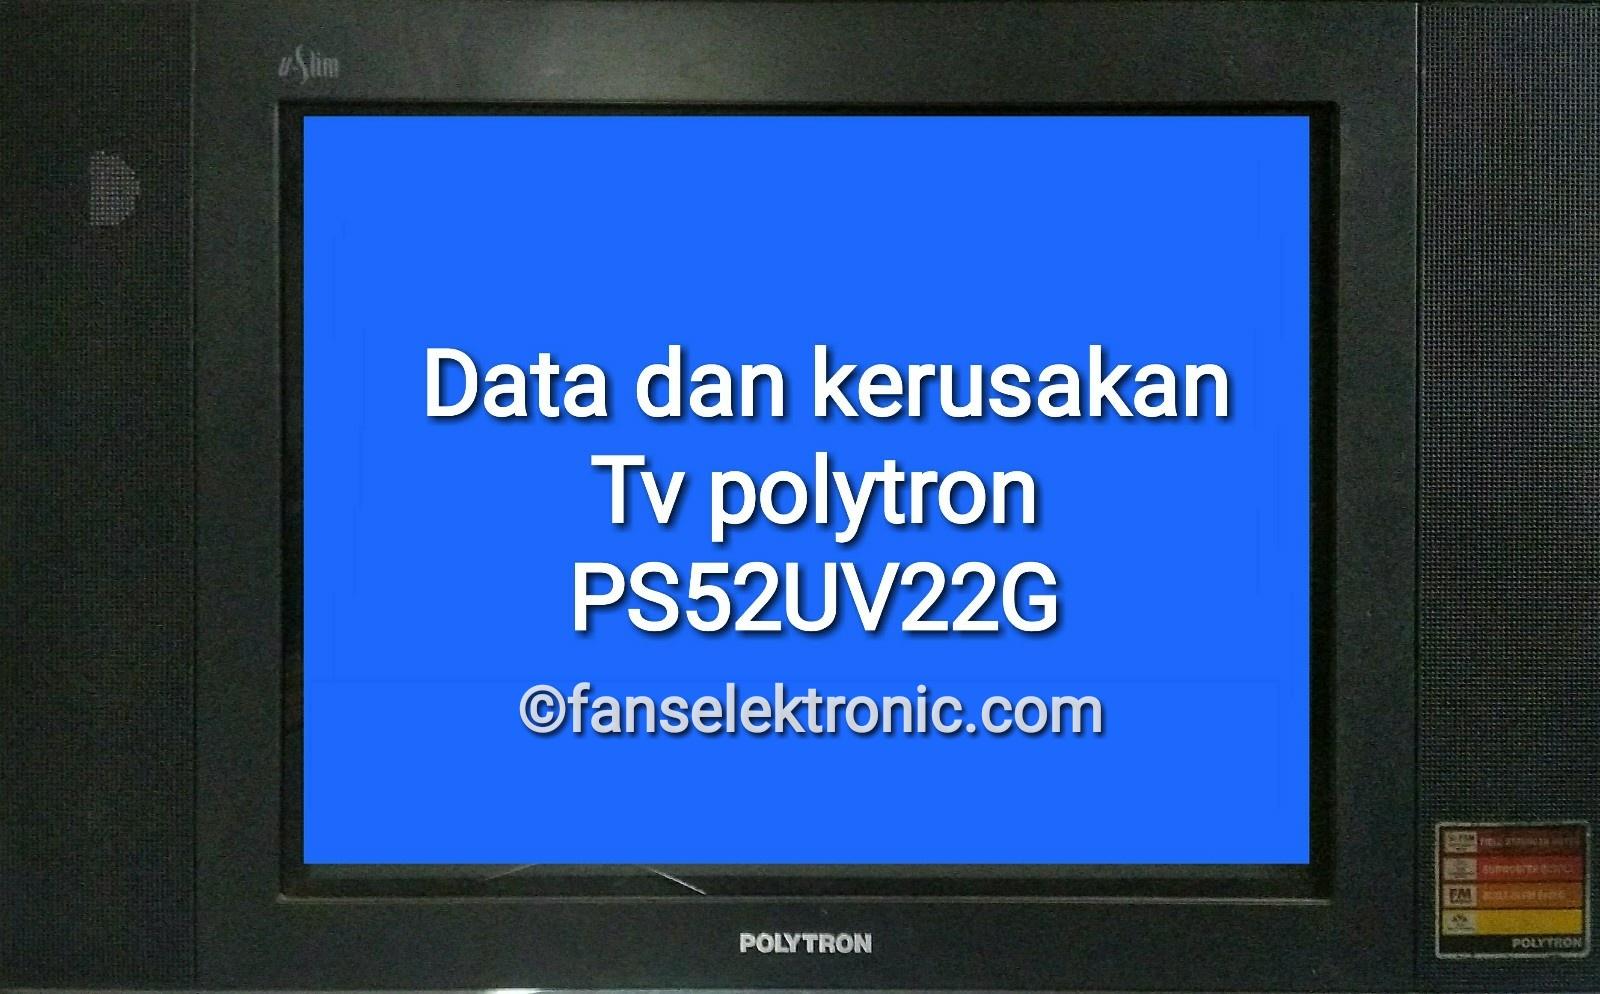 tv polytron uslim ps 52uv22g rusak mati